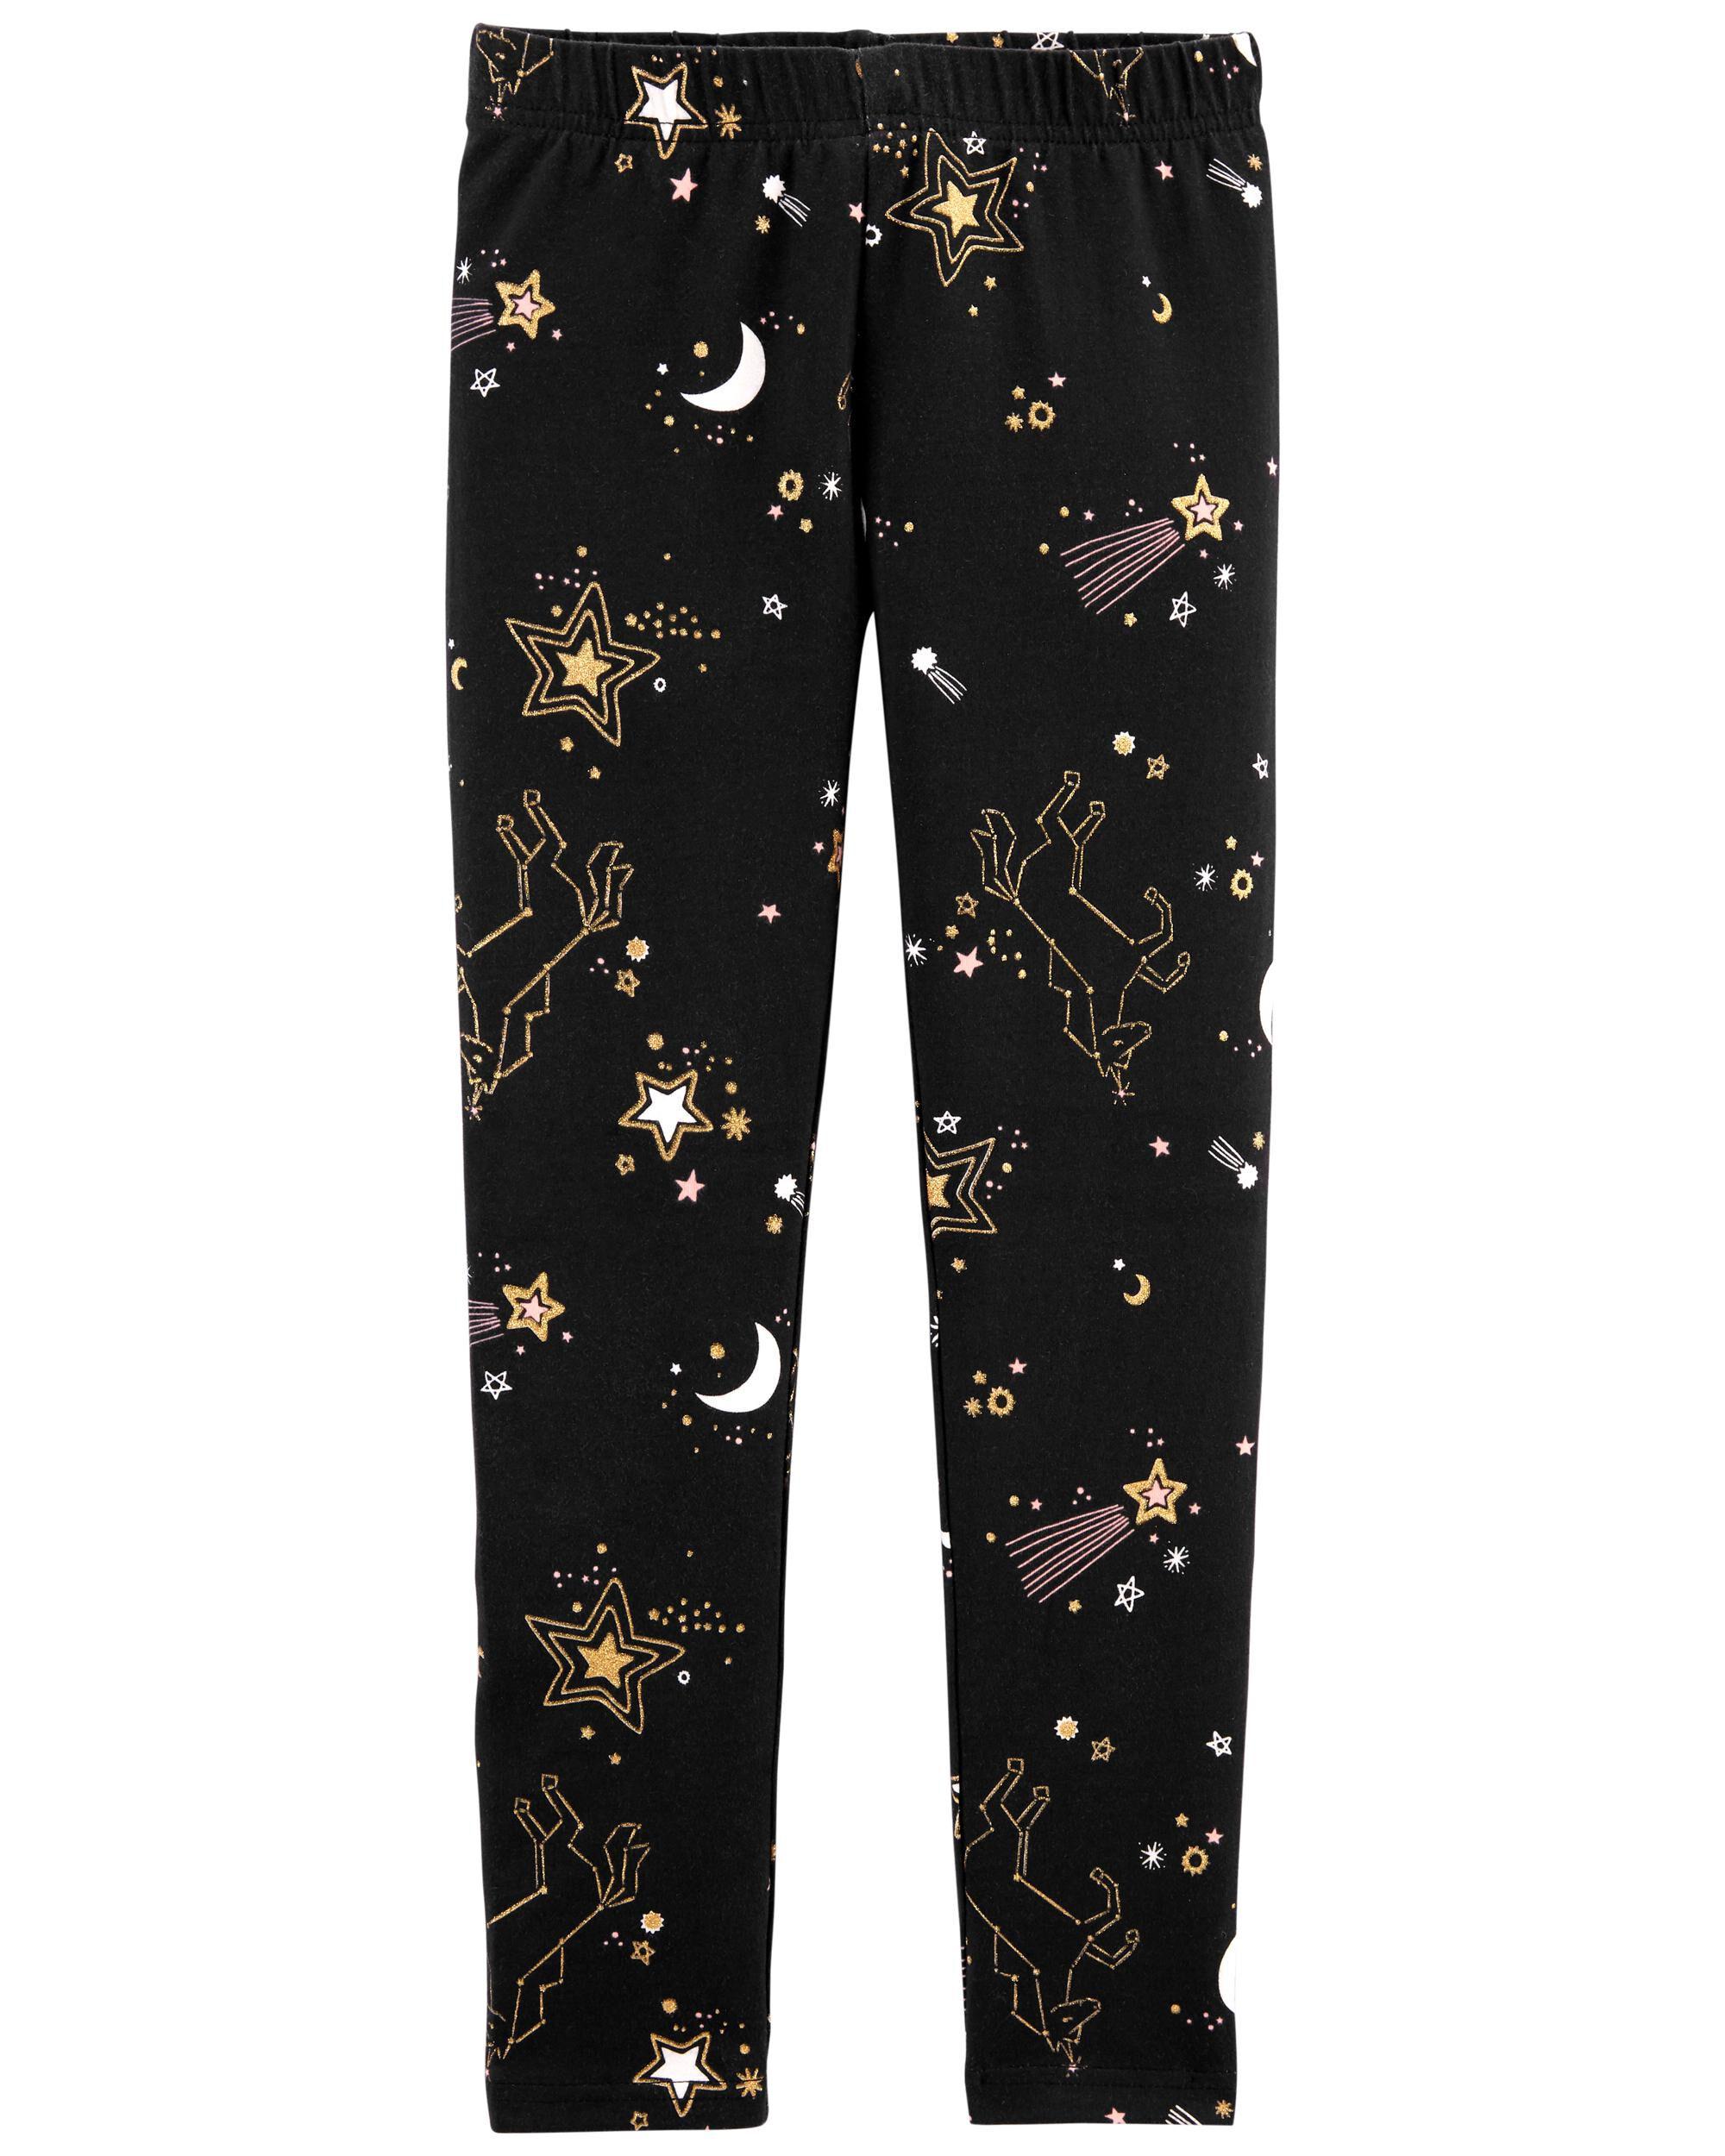 *DOORBUSTER*Star Leggings